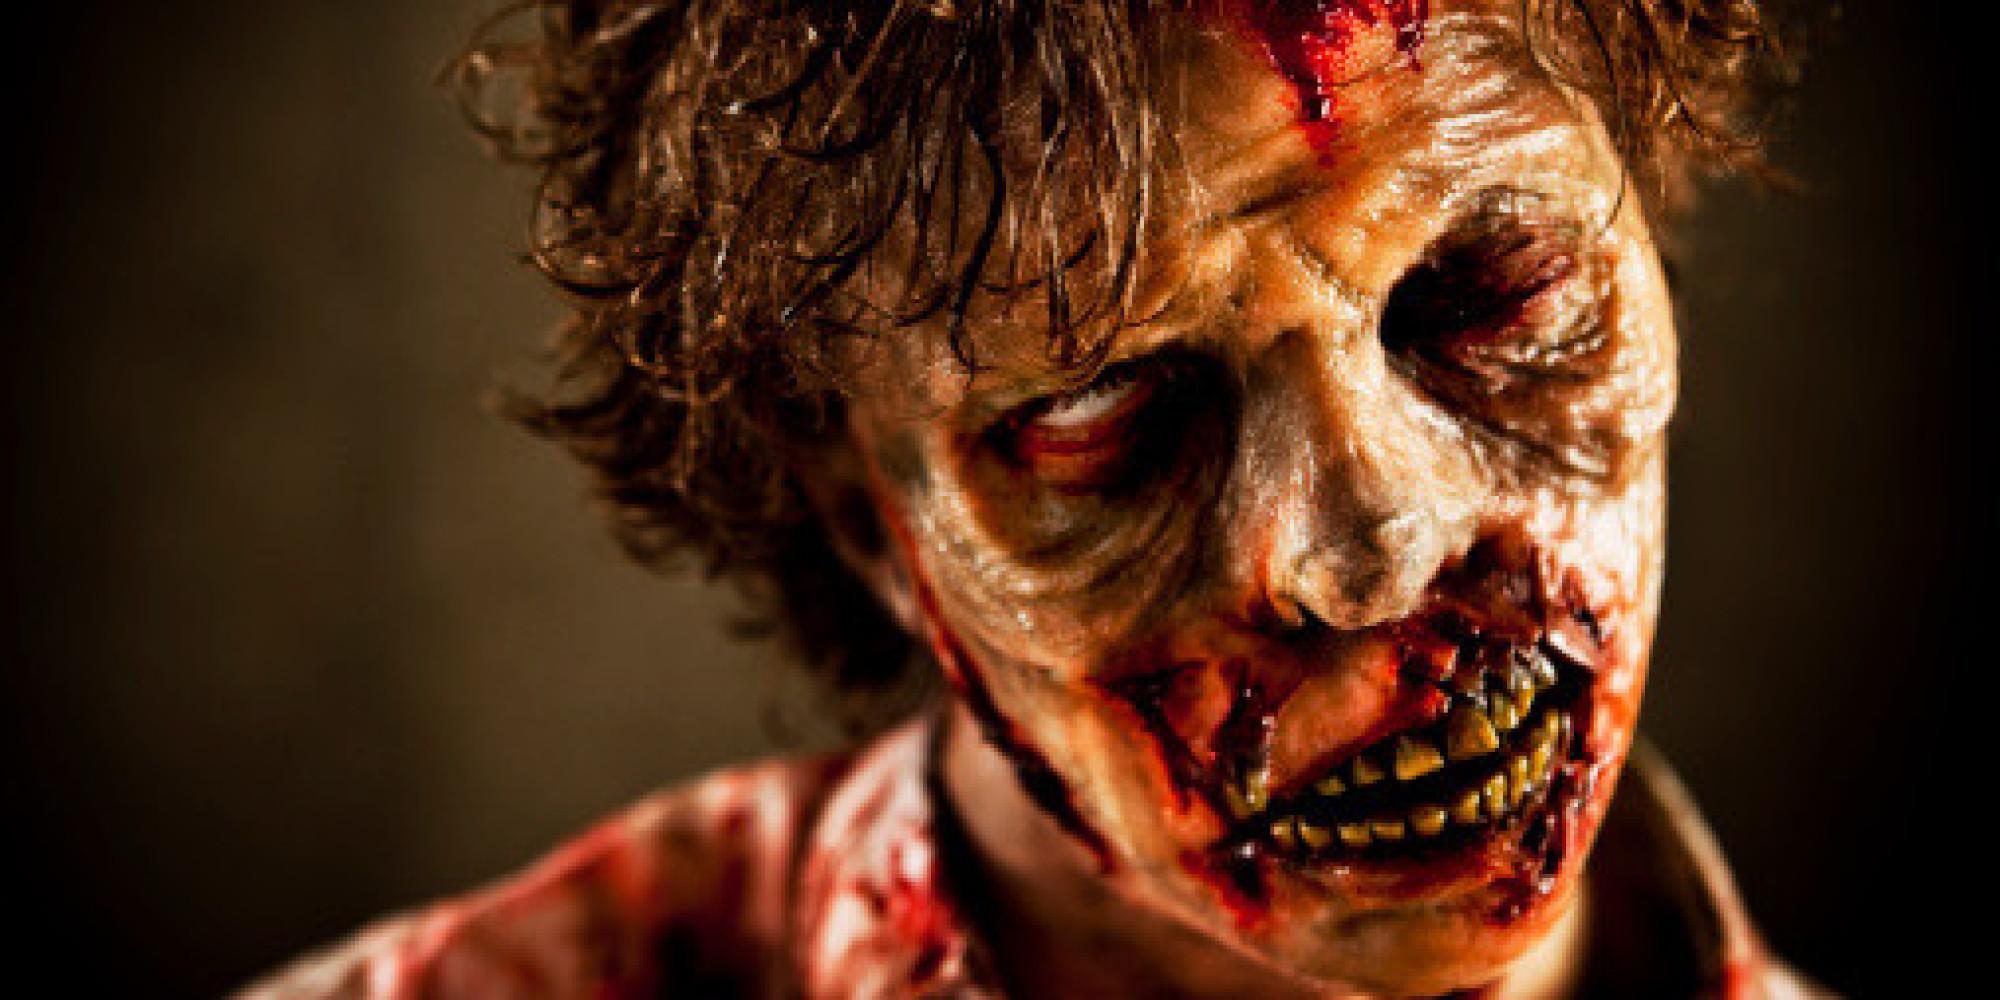 うつろな目に剥き出しの歯が迫力のあるゾンビ